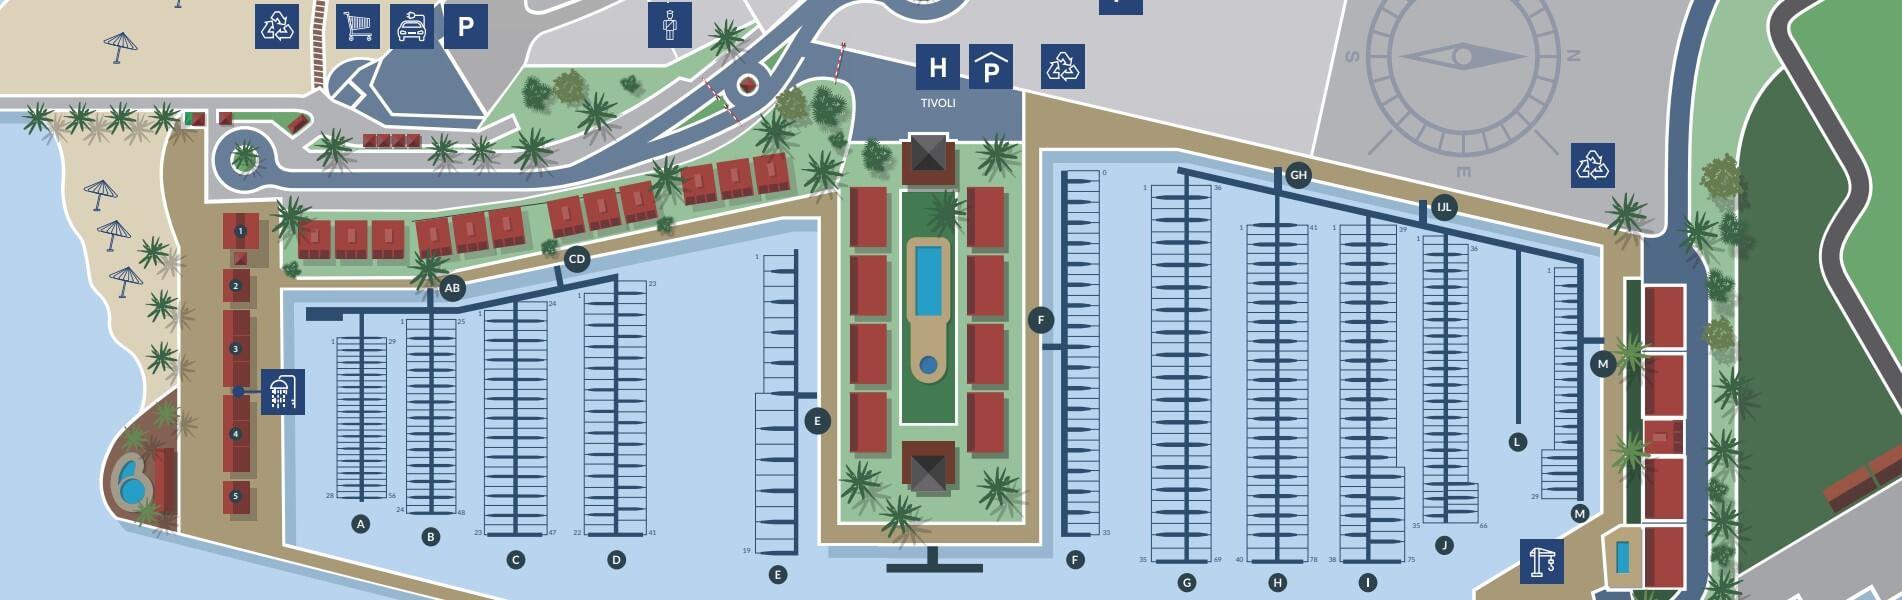 marina_mapa